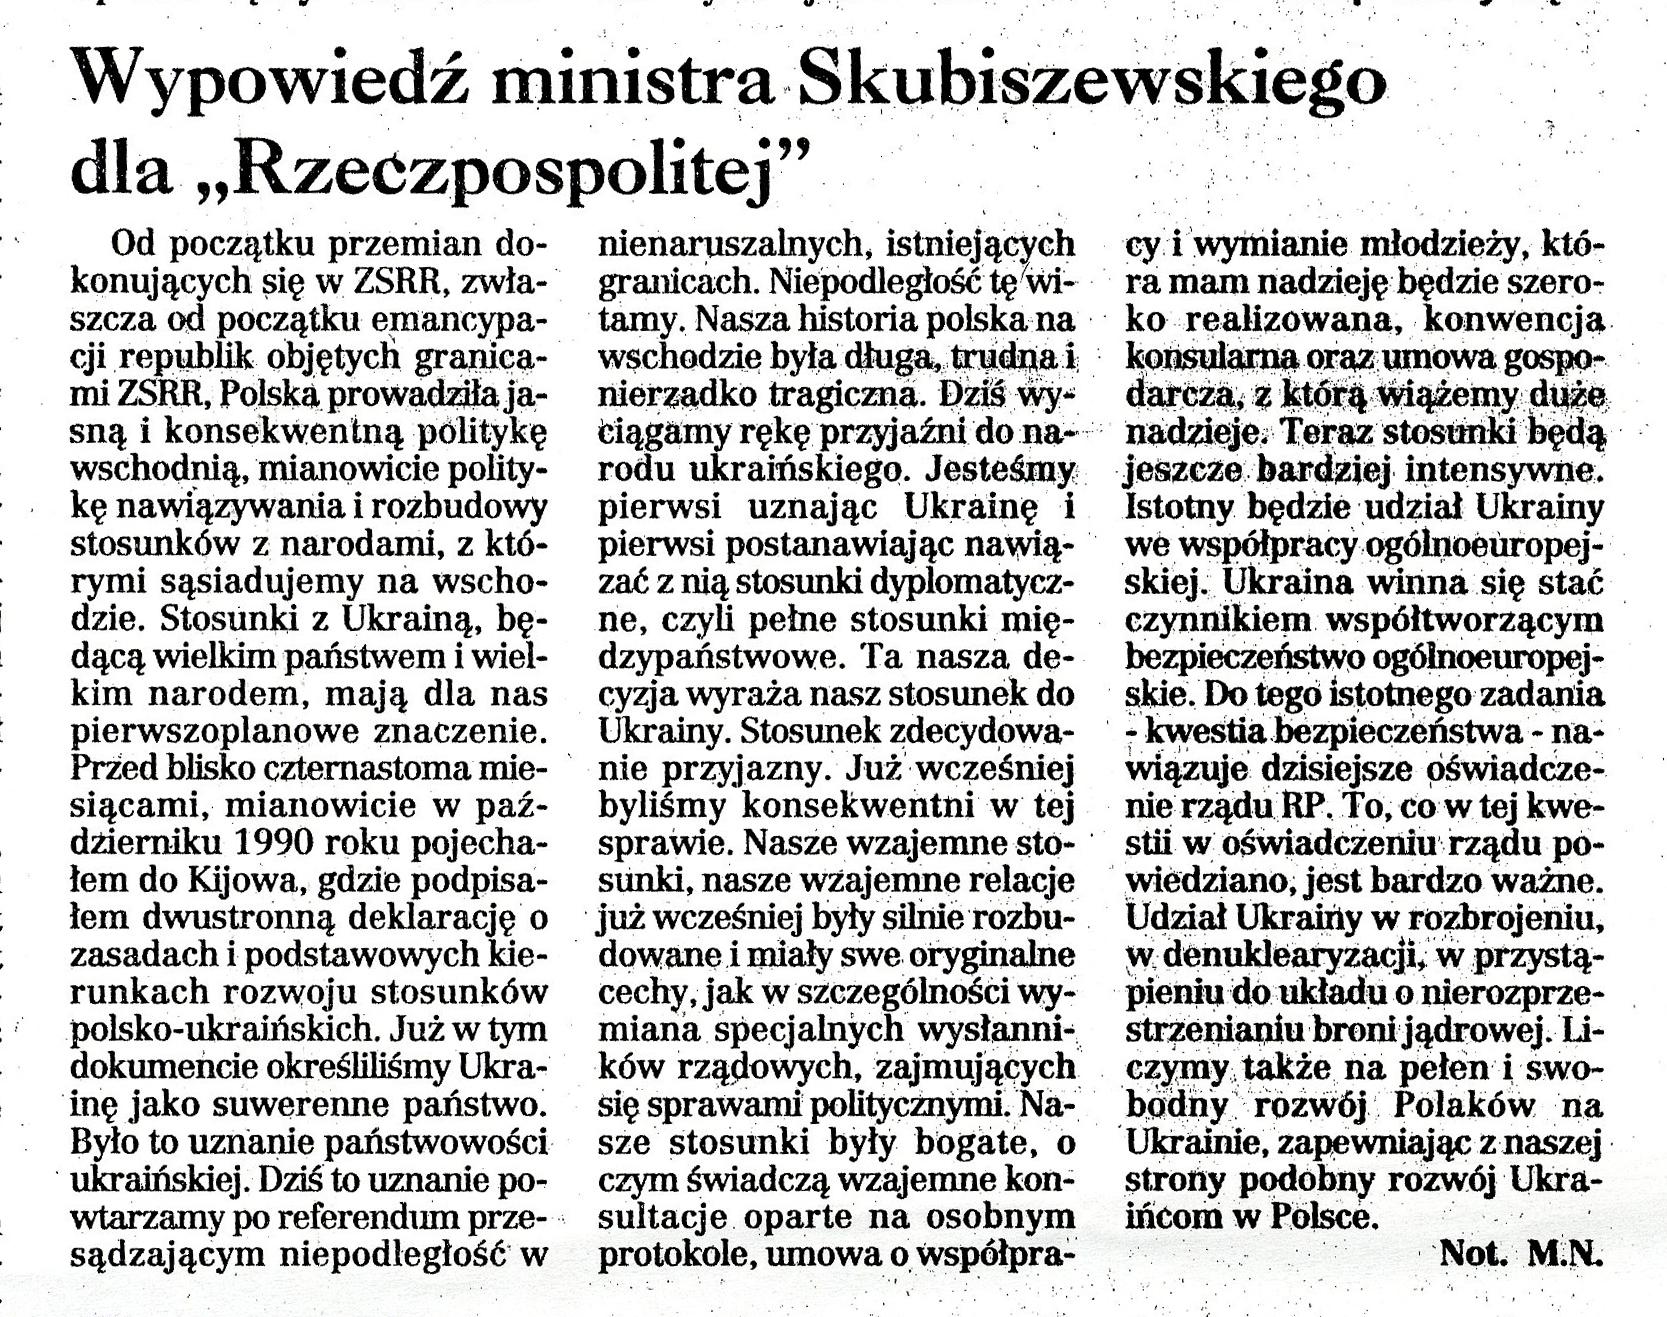 """Коментар Міністра закордонних справ про встановлення дипломатичних відносин з Україною, """"Rzeczpospolita"""" 3 грудня 1991"""